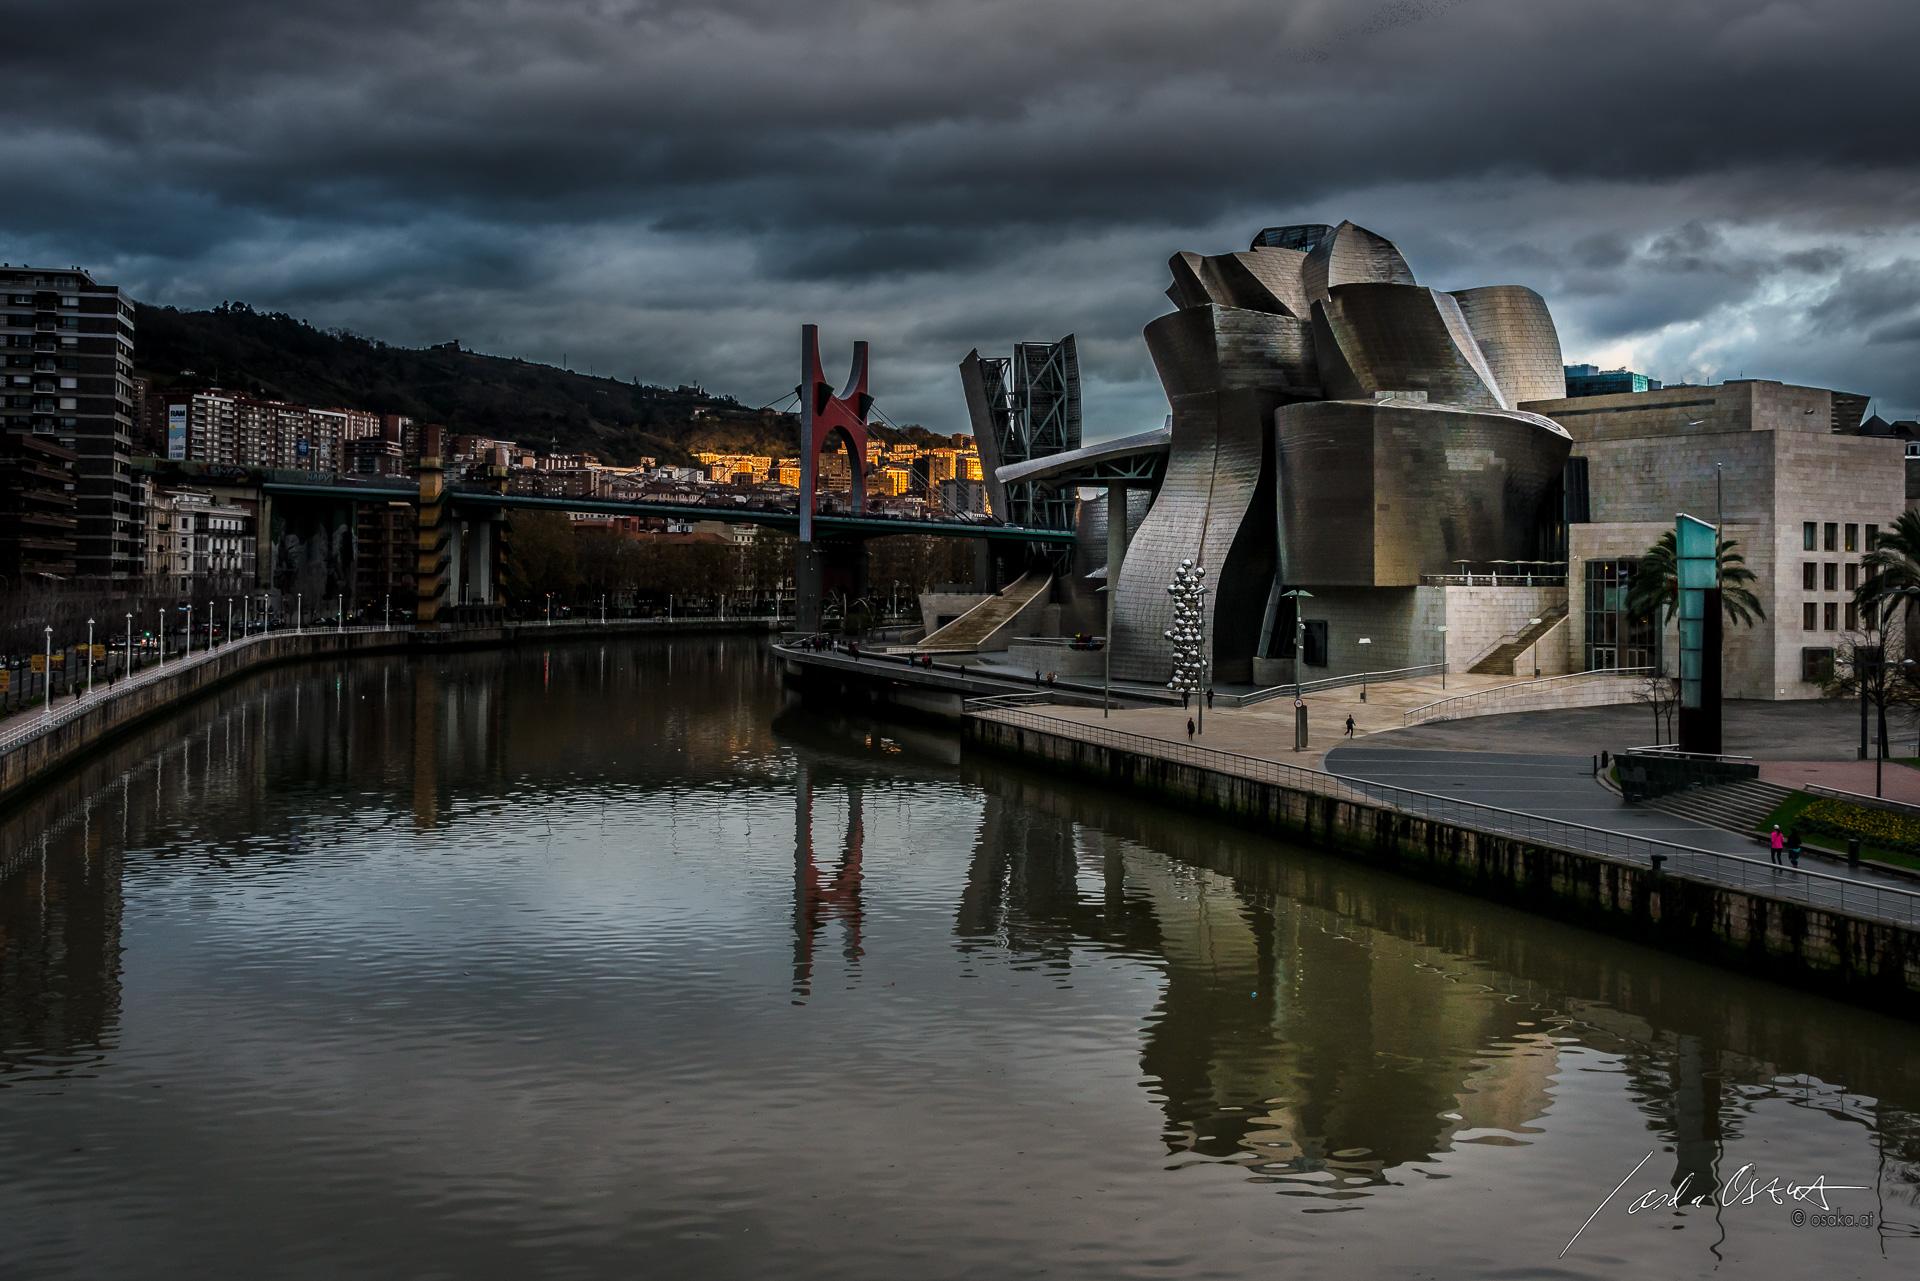 Guggenheim Museum Bilbao by Sascha Osaka